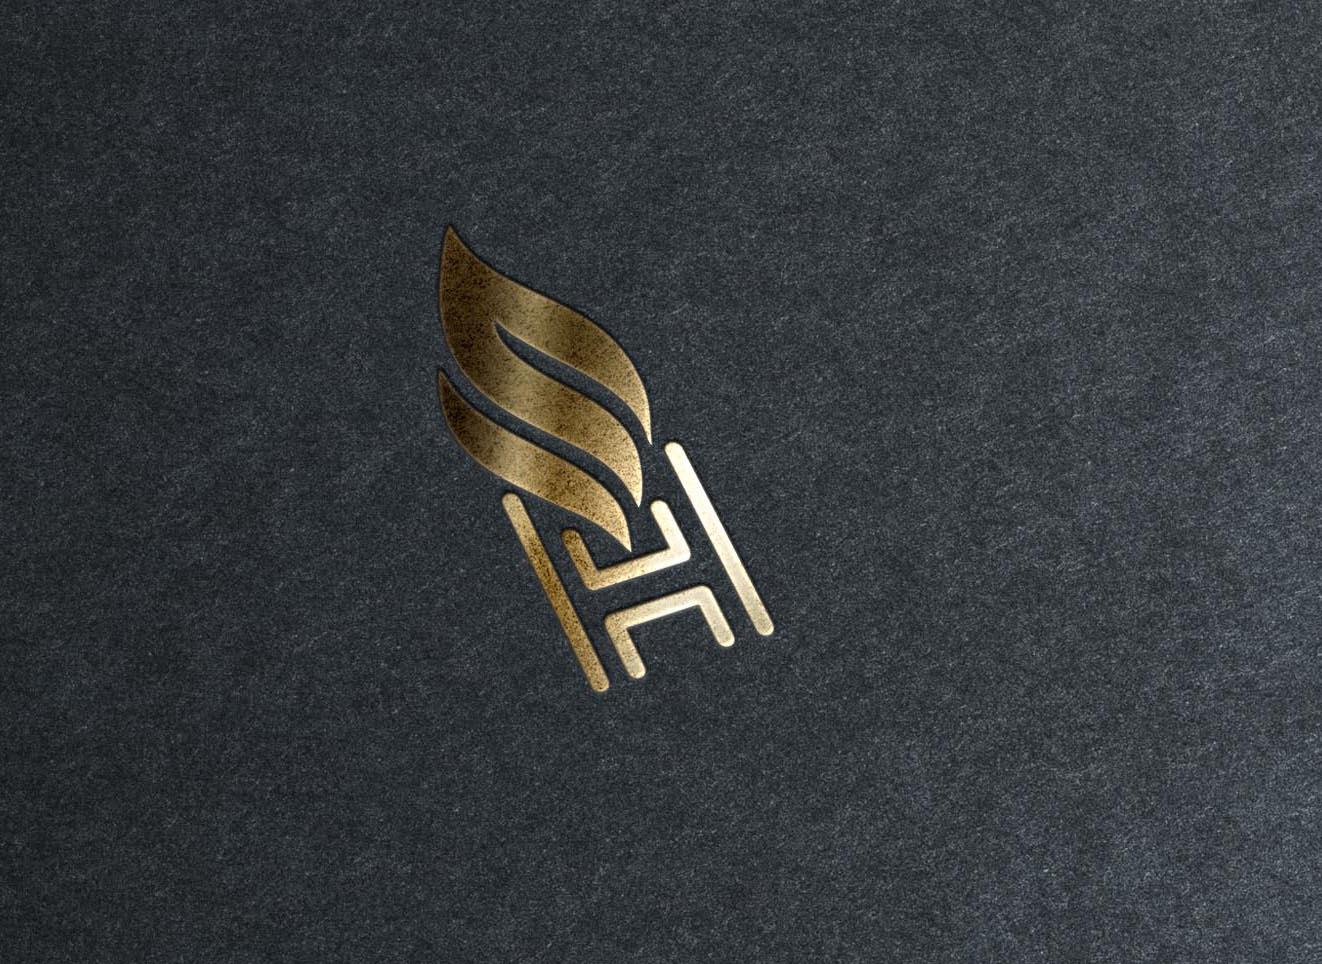 Разработка логотипа и фирменного стиля фото f_8575da53d4332d6e.jpg